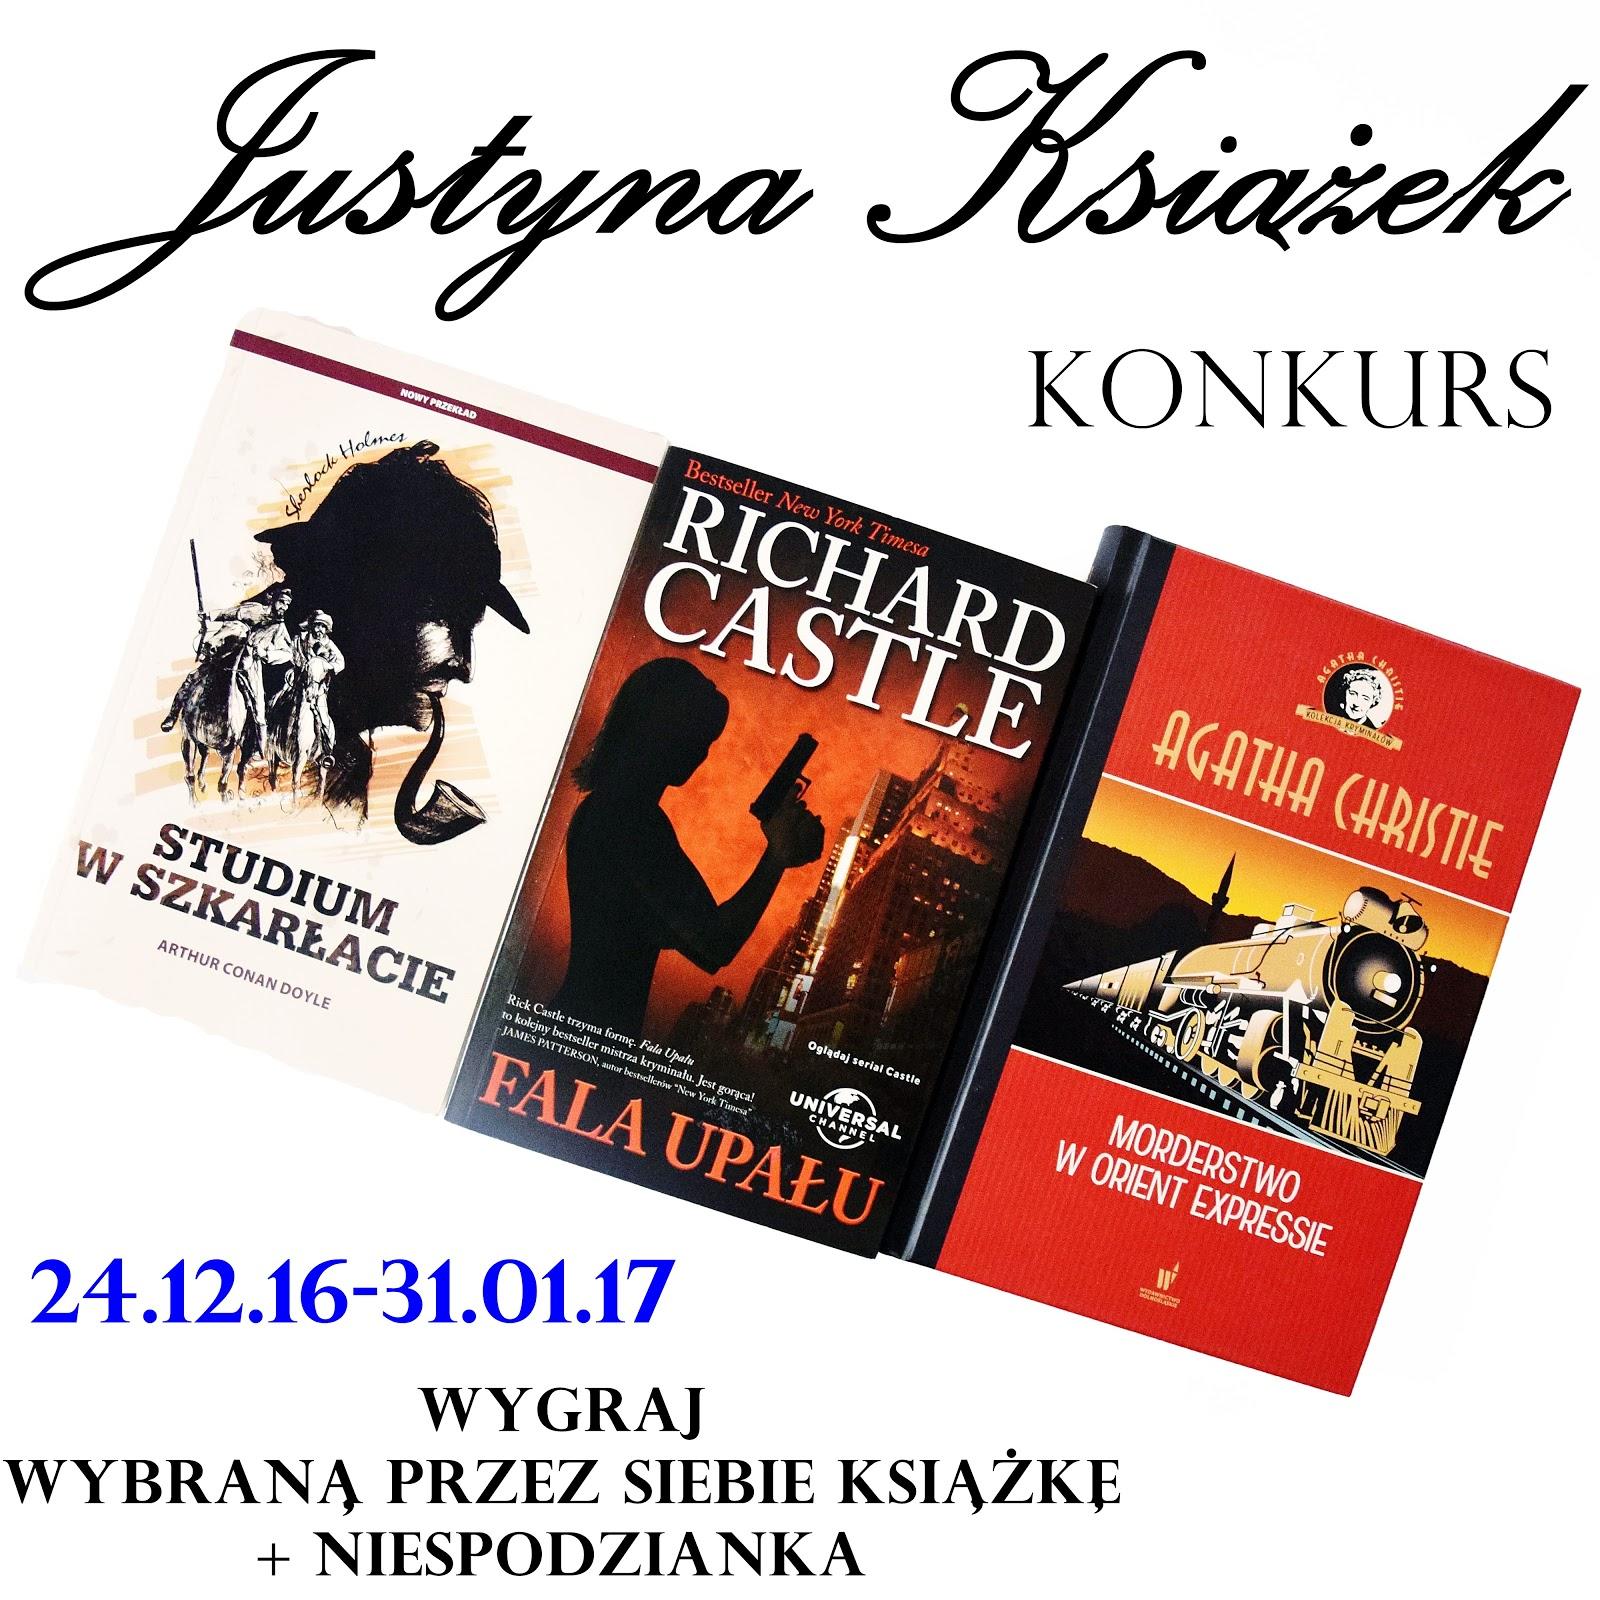 Polecamy konkurs książkowy: